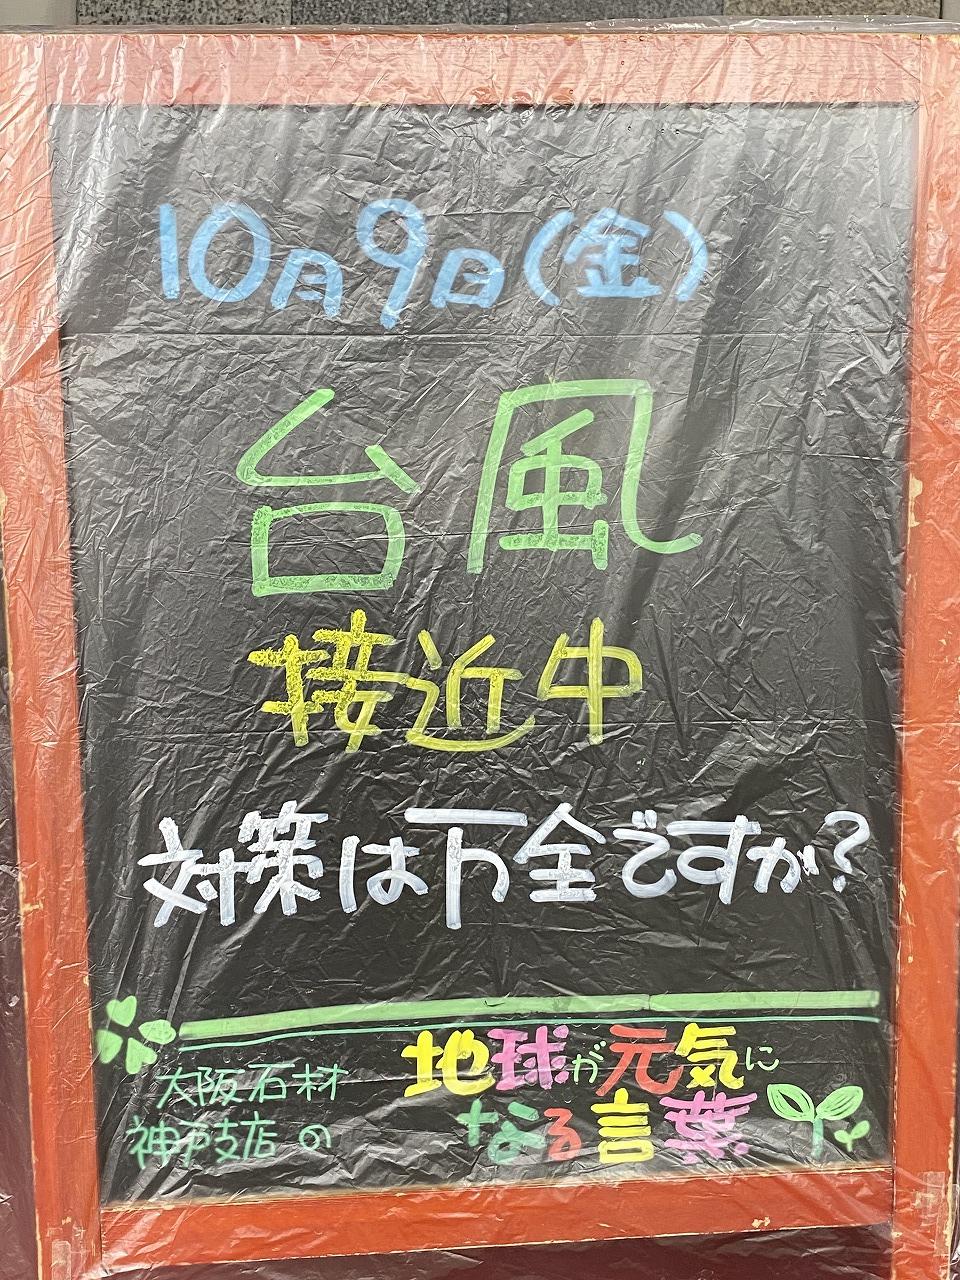 神戸の墓石店「地球が元気になる言葉」の写真 2020年10月9日